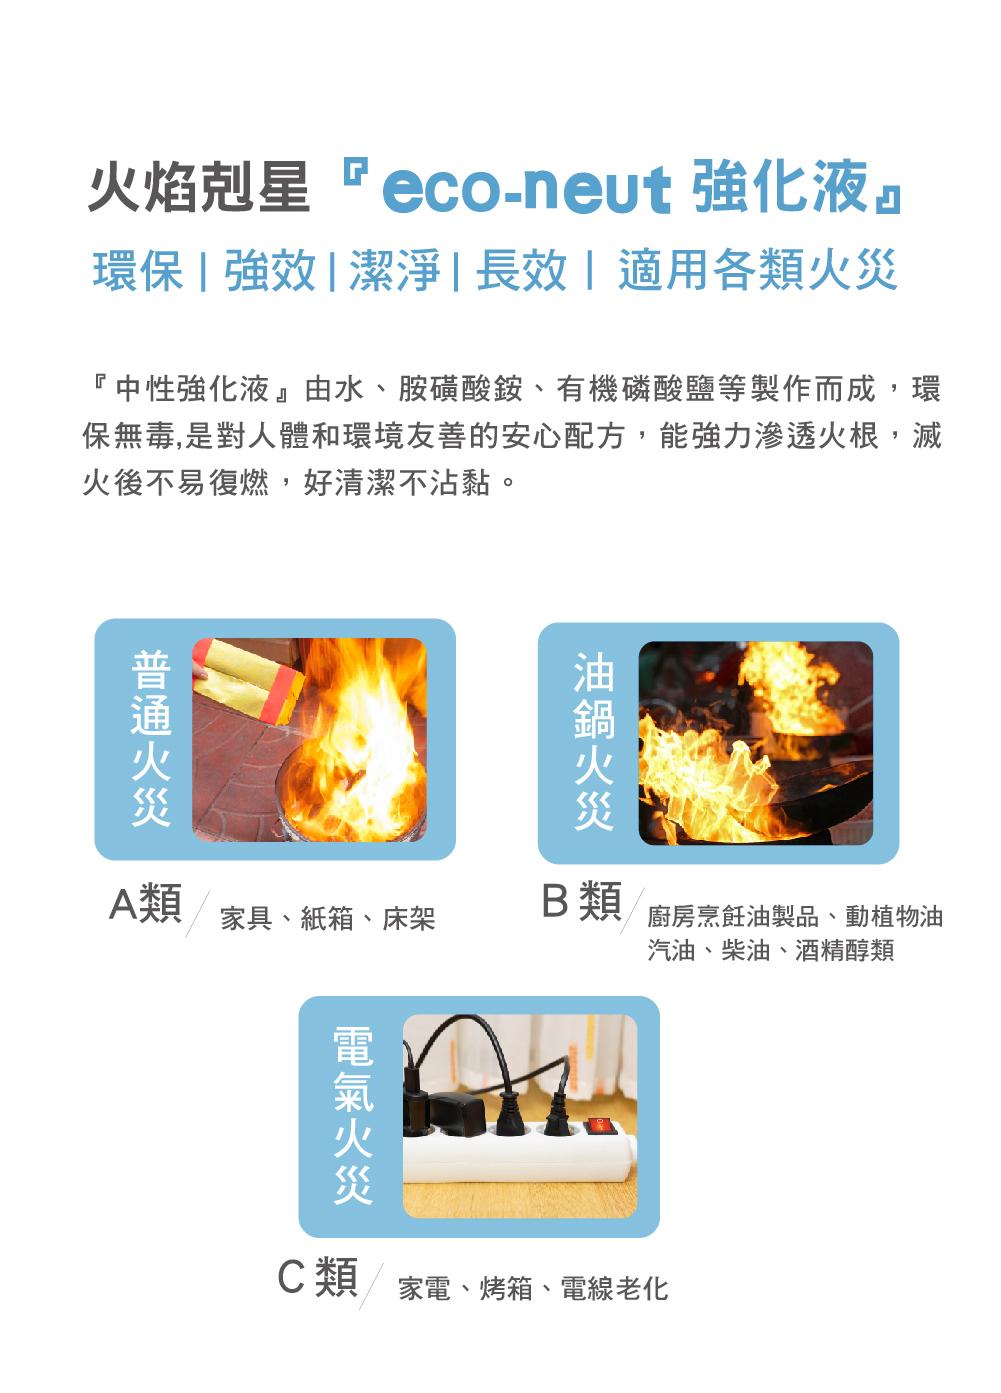 火神的眼淚 滅火器 環保 強效 潔淨 長效 A類火災 B類火災 C類火災